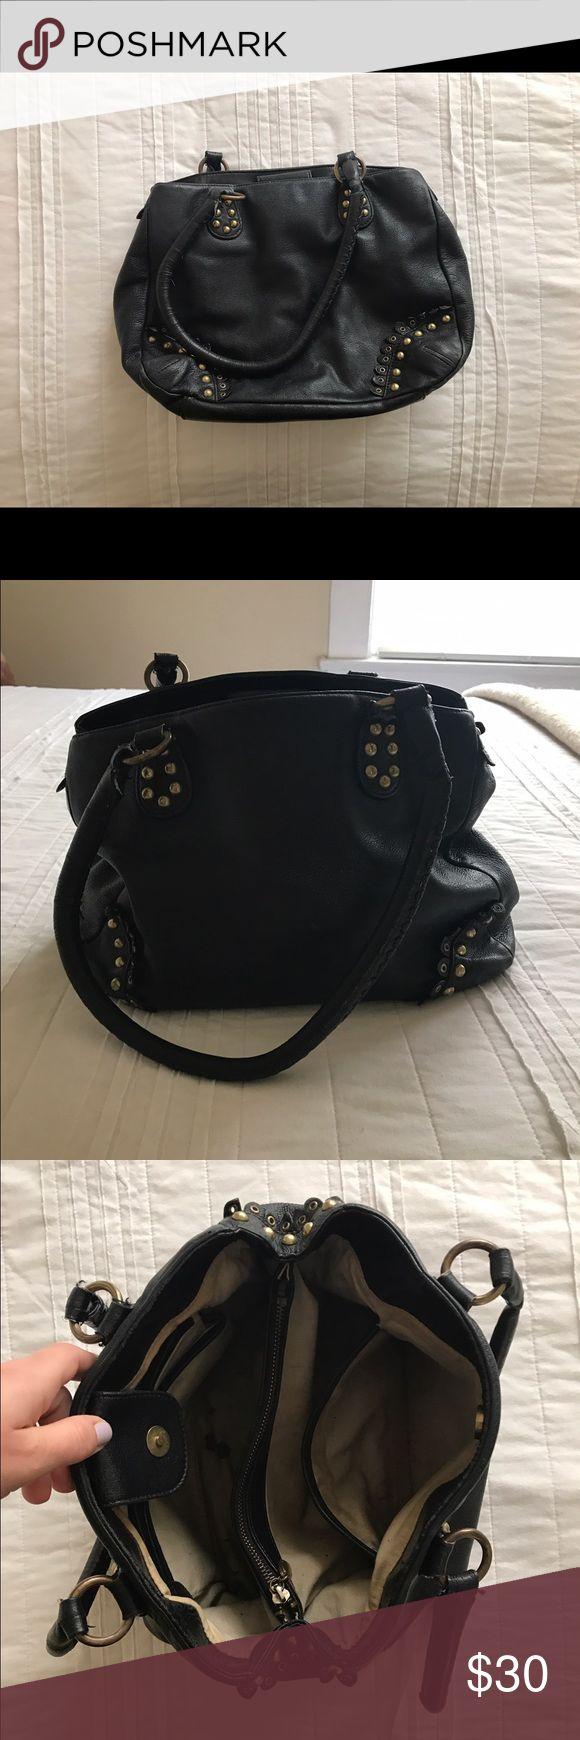 Gianni Bini Black Leather Handbag Gianni Bini used black leather handbag with brass hardware. Gianni Bini Bags Shoulder Bags